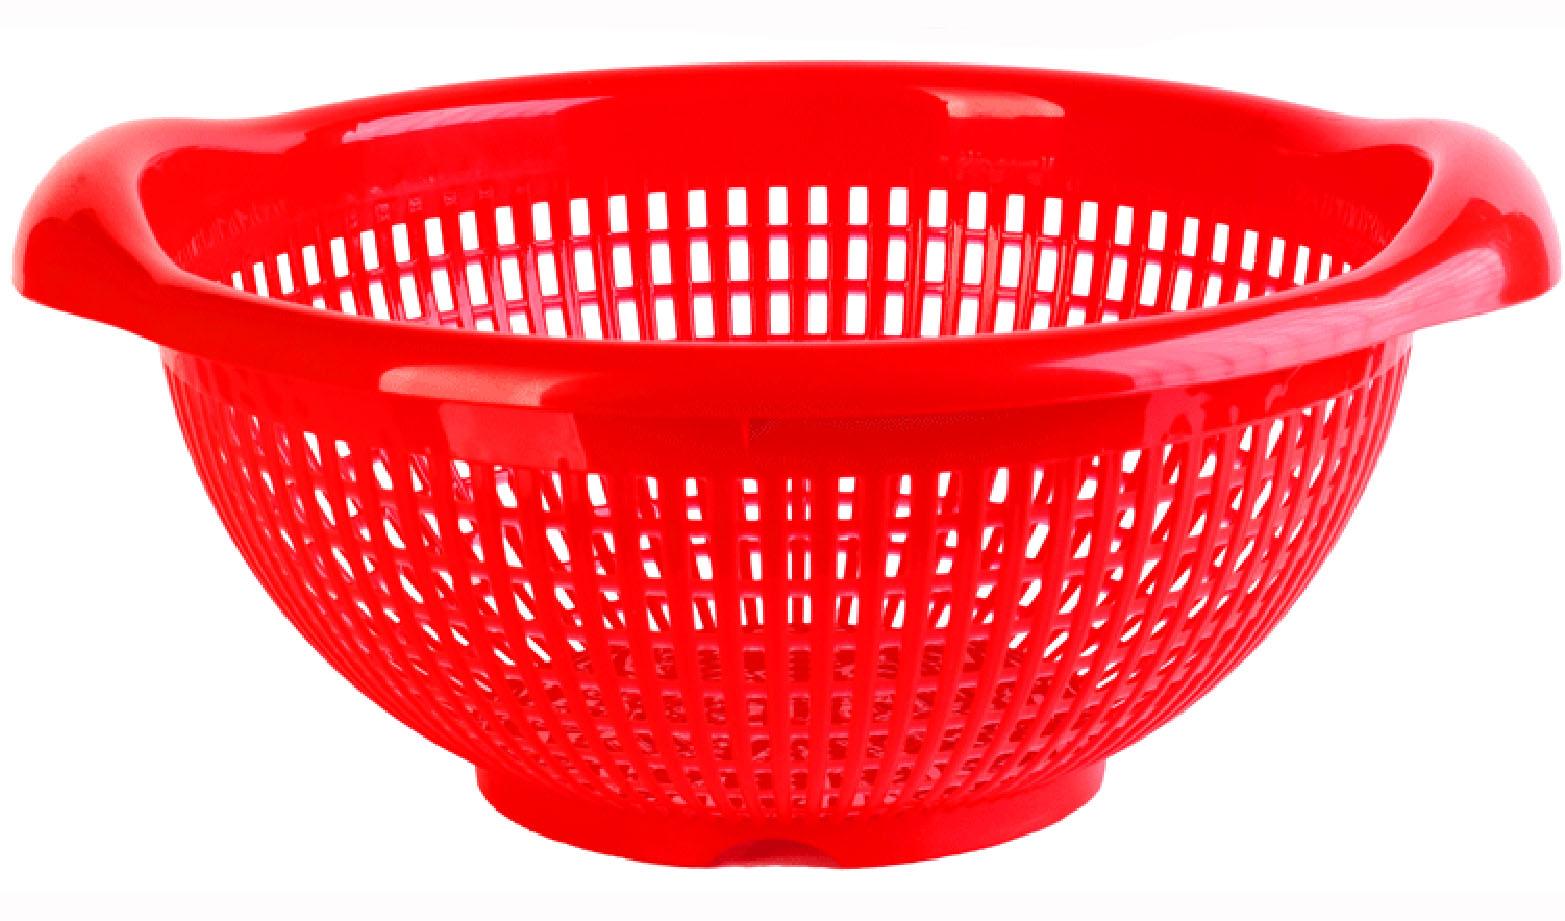 Дуршлаг Idea, цвет: красный, диаметр 25 смМ 1131Дуршлаг Idea, изготовленный из пищевогополипропилена, станет полезным приобретениемдля вашей кухни. Он идеально подходит дляпроцеживания, ополаскивания овощей и фруктов и стекания жидкости. Дуршлаг оснащен устойчивымоснованием и удобными ручками по бокам.Дуршлаг Idea станет незаменимым атрибутомна кухне каждой хозяйки. Диаметр дуршлага (по верхнему краю): 25 см.Внутренний диаметр: 23 см.Размер дуршлага (с учетом ручек): 27 см х 25 см.Высота стенок: 12 см.